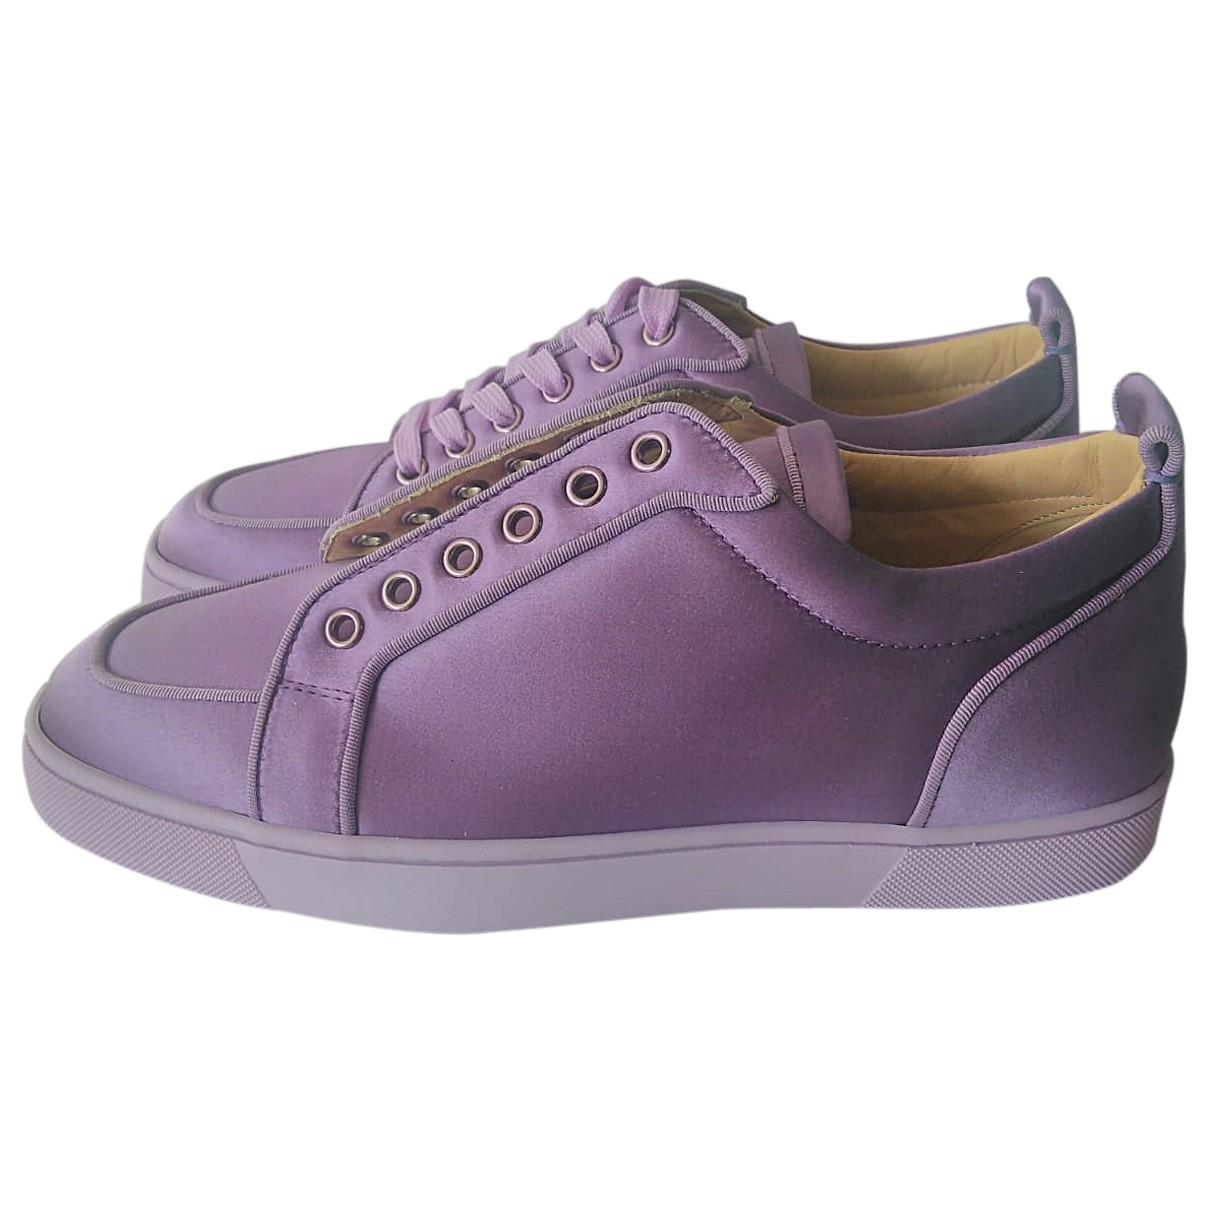 Christian Louboutin - Baskets   pour homme - violet